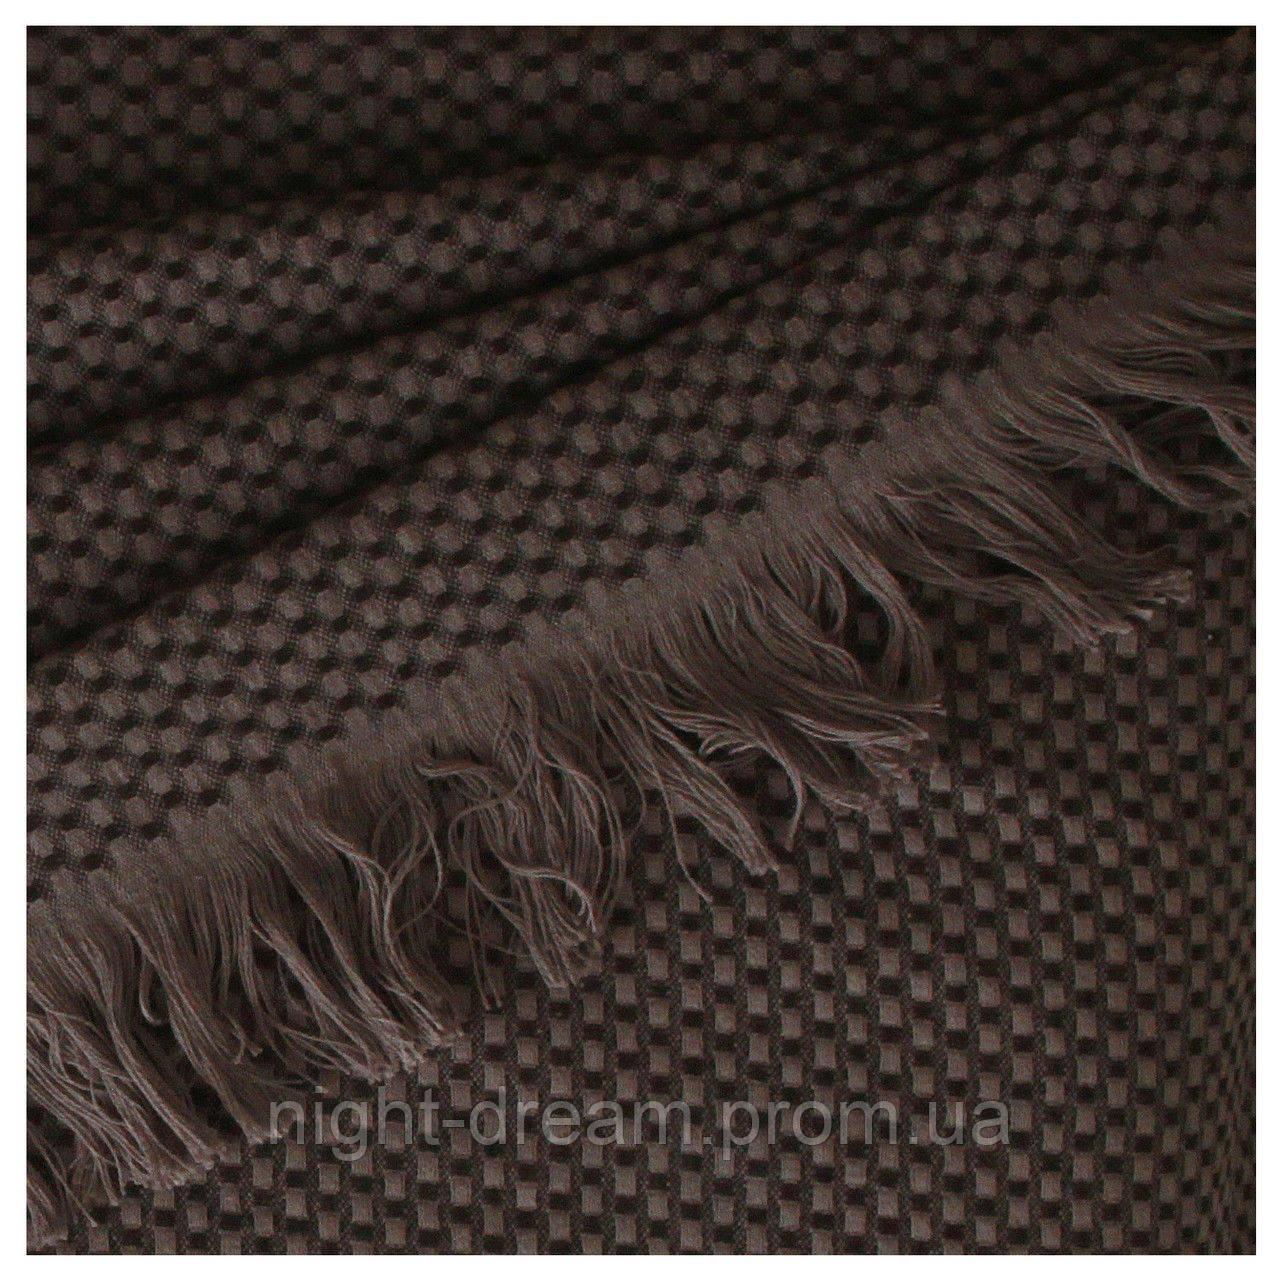 Hasir от Eke Home плед-покрывало из эвкалипта  165x240  mink